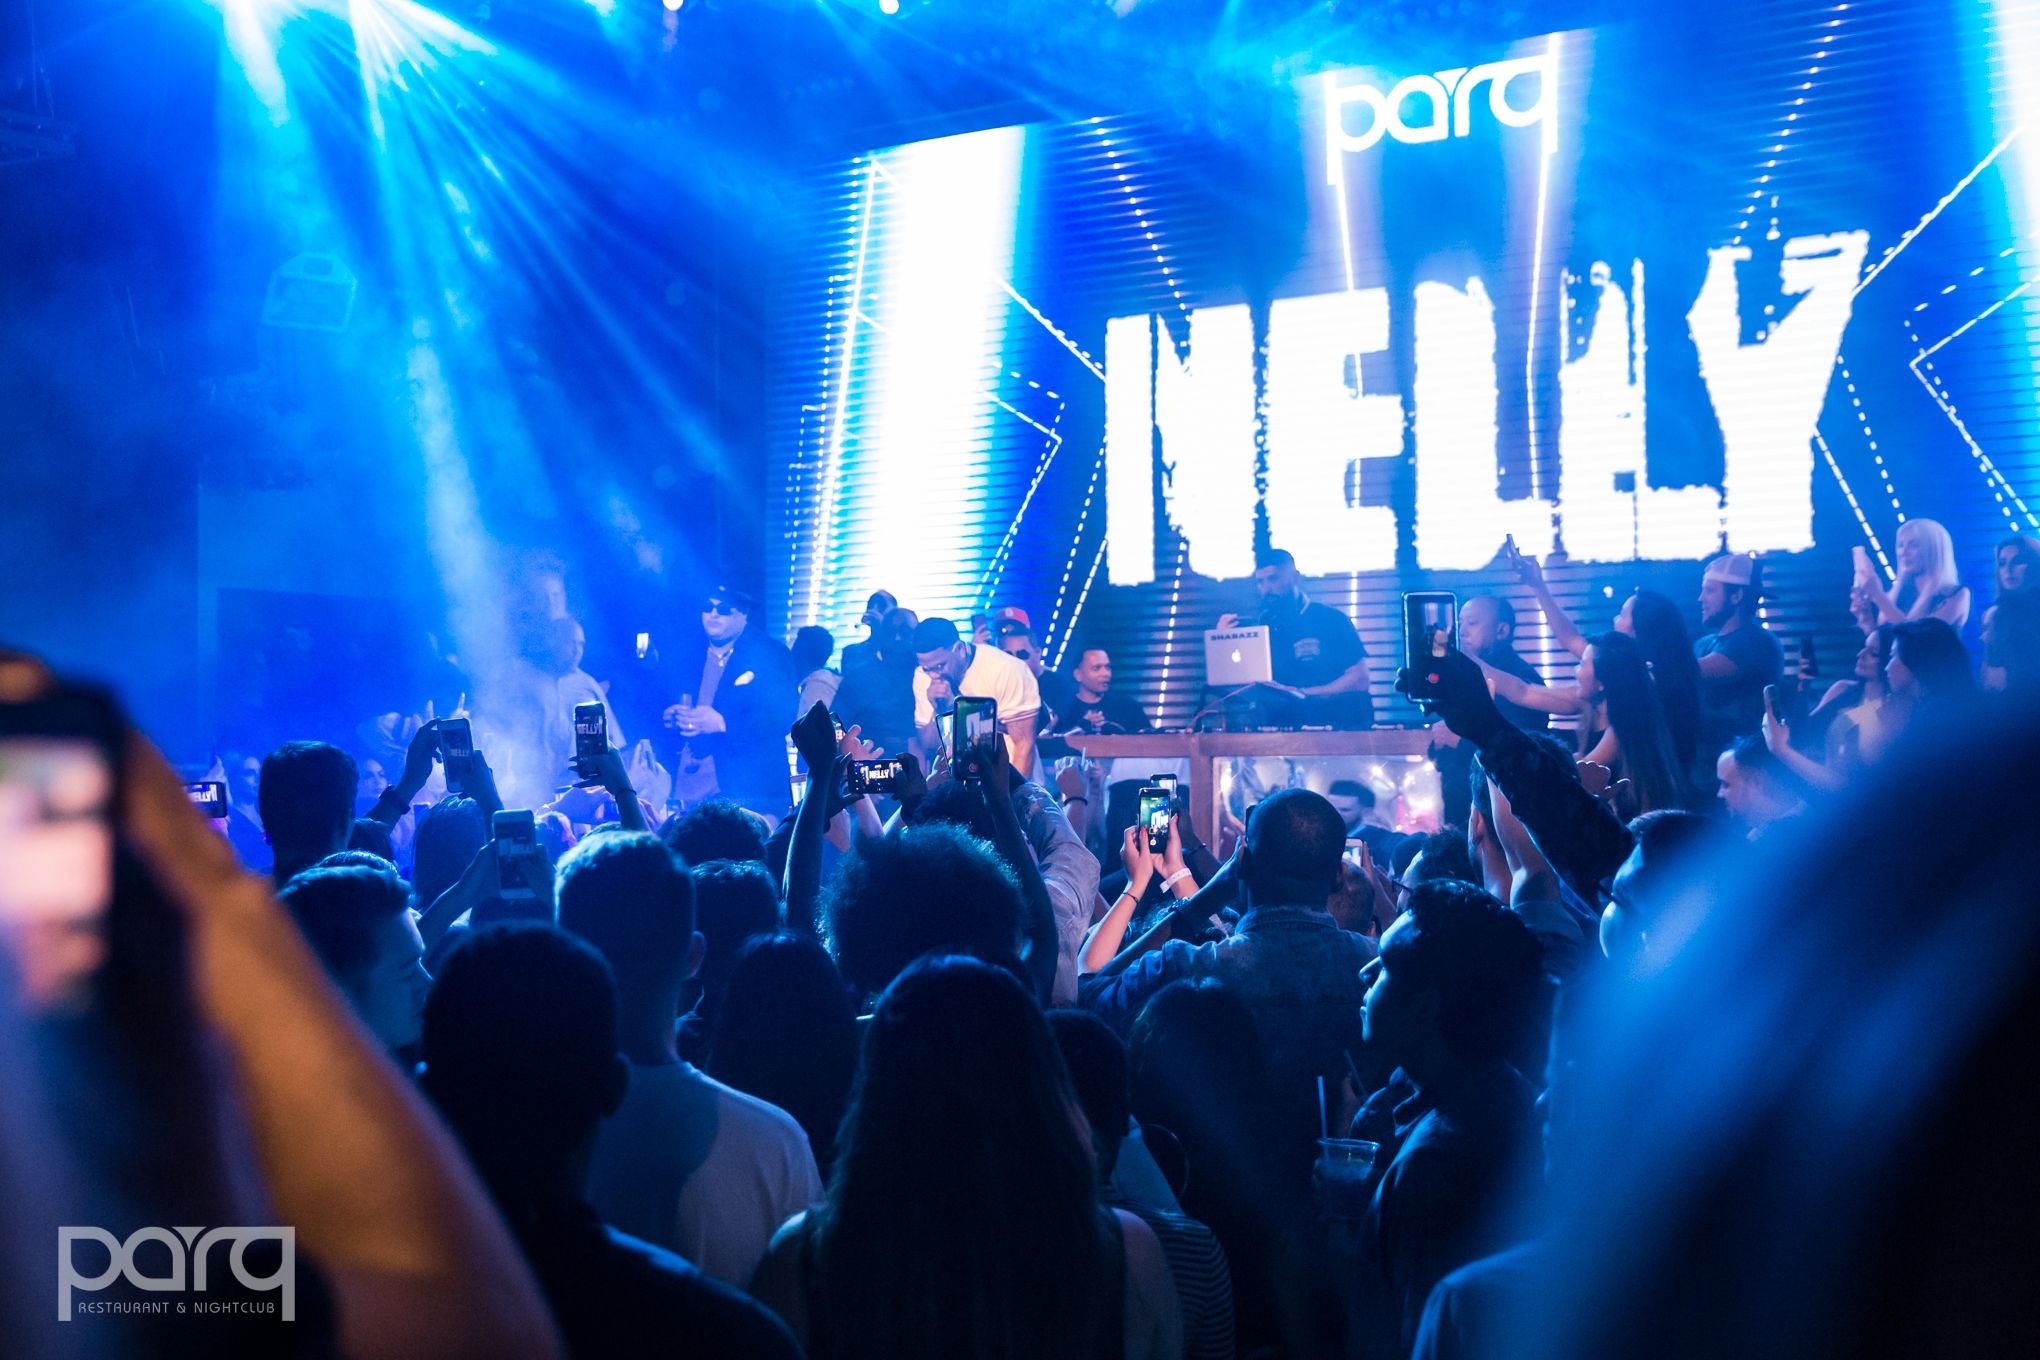 09.01.19 Parq - Nelly-22.jpg